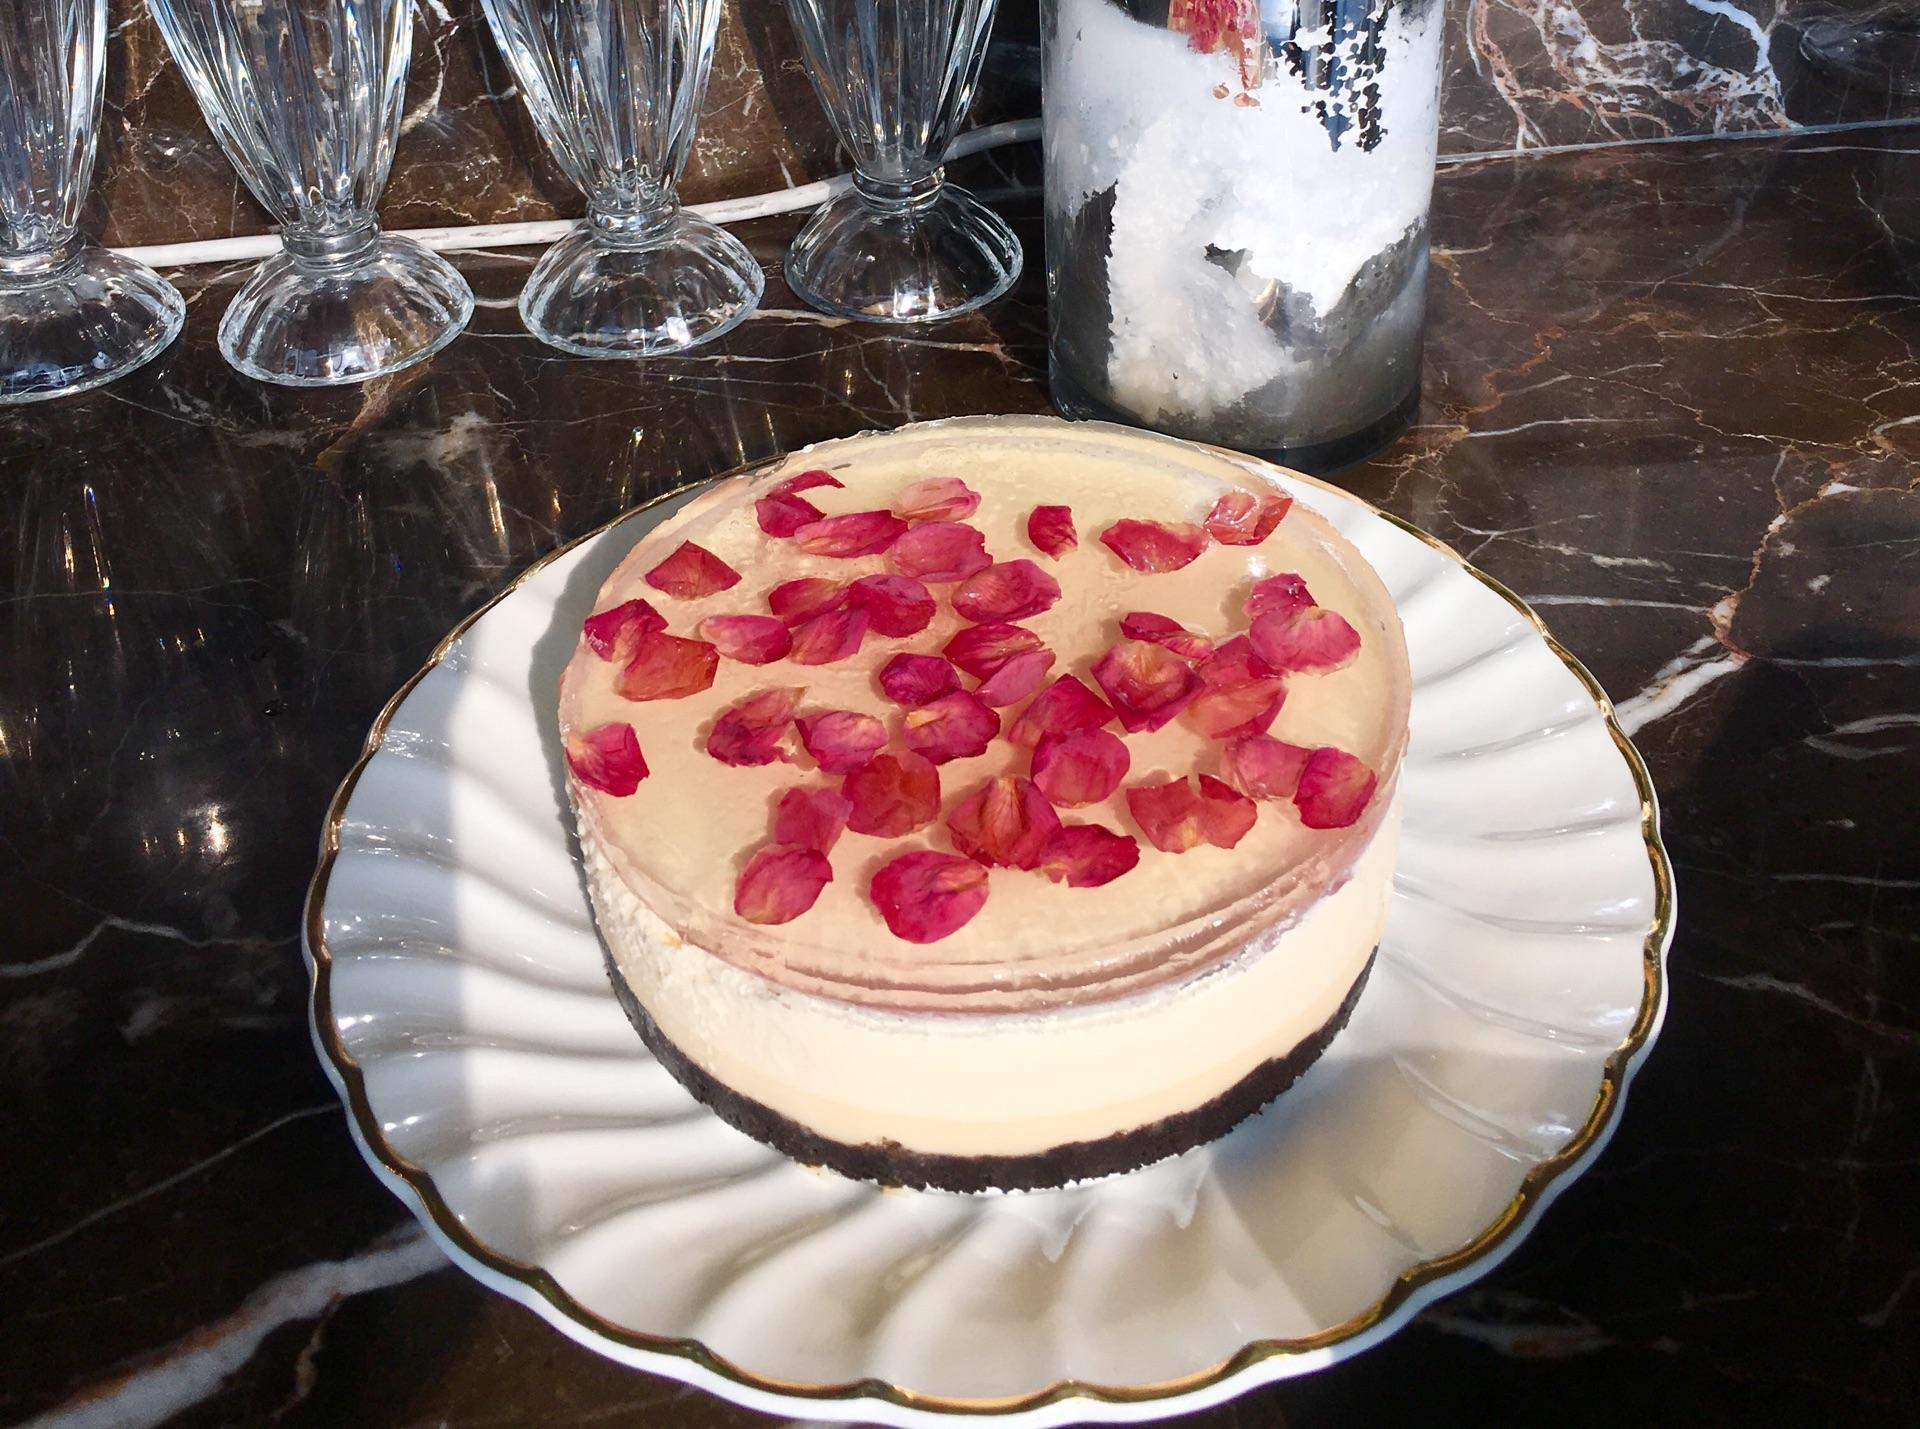 玫瑰花蛋糕的做法图片